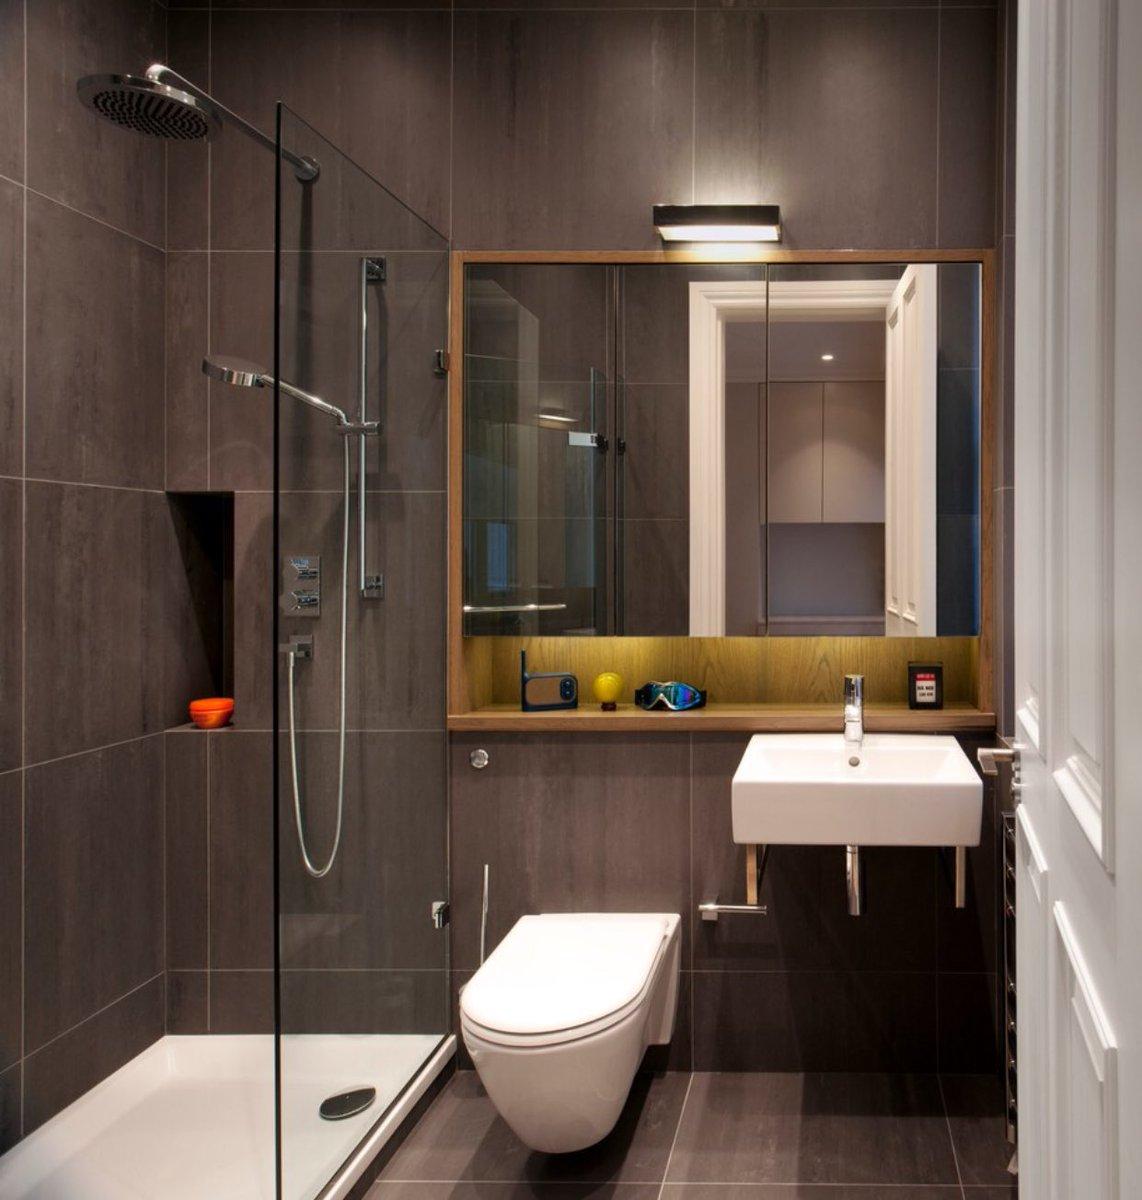 بالصور ديكور حمامات صغيرة , تعرف على احدث ديكور للحمامات الصغيرة 2060 3